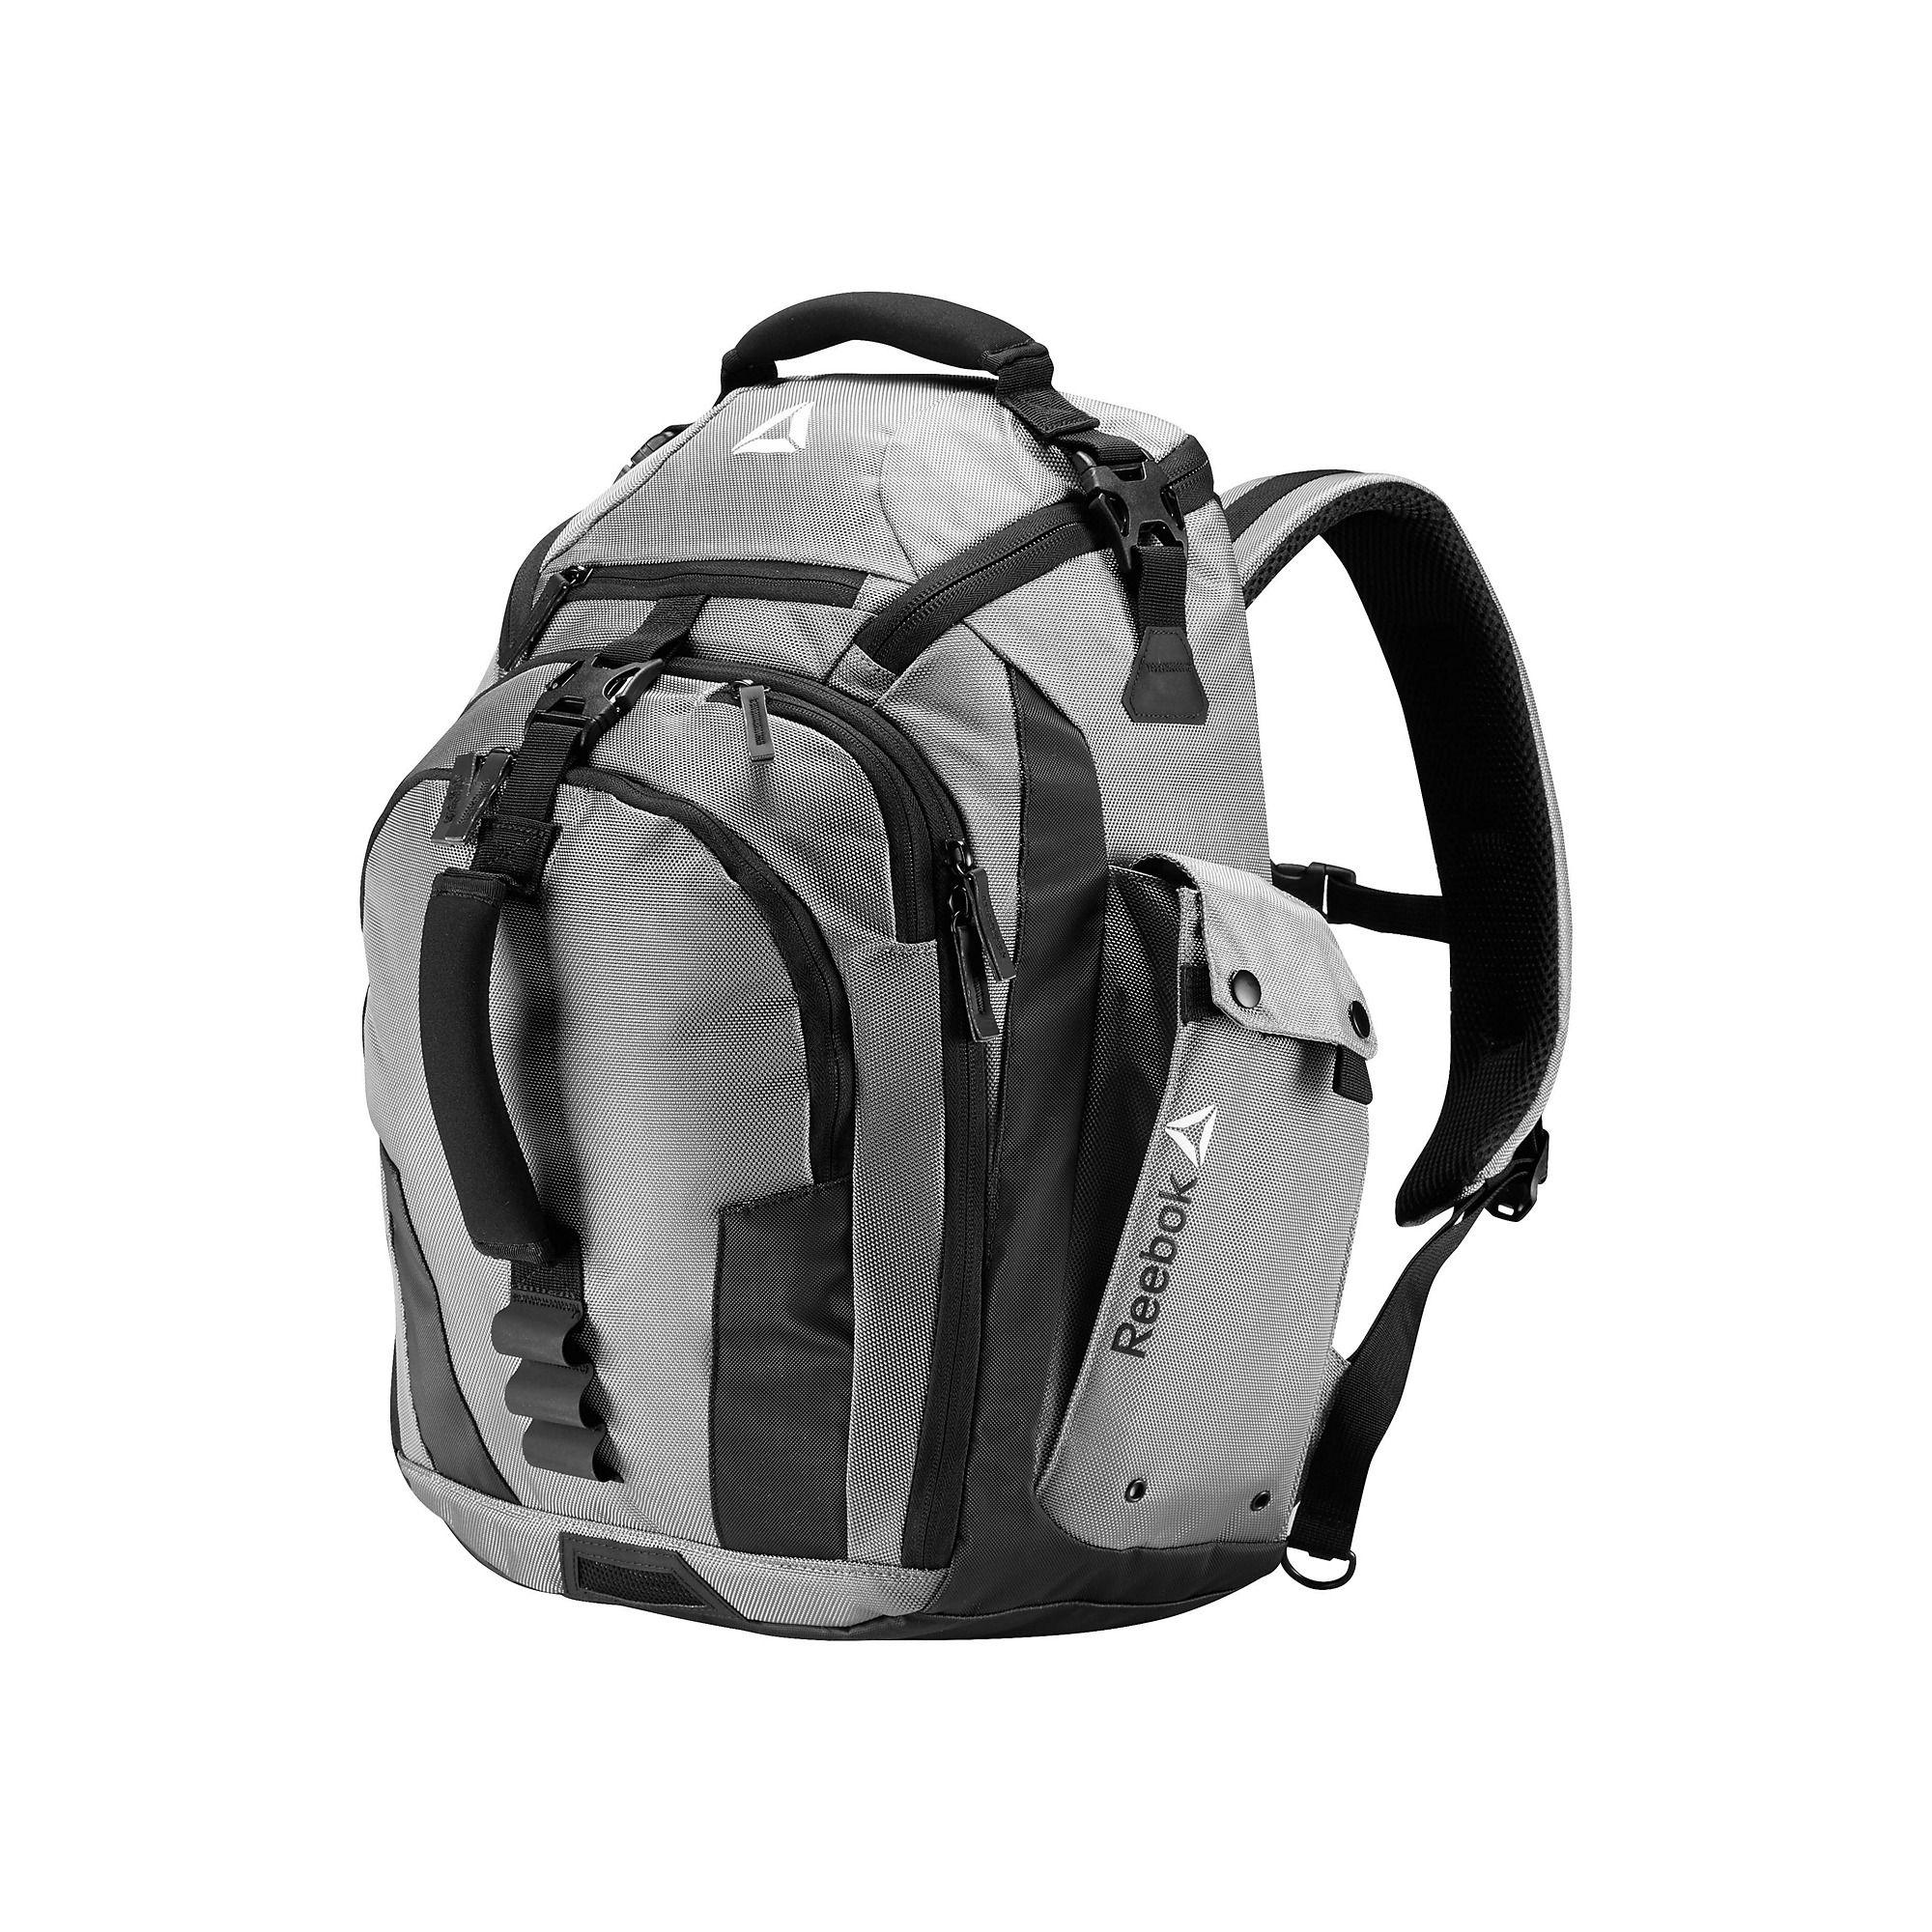 Reebok Blue Backpack - Buy Reebok Blue Backpack Online at ...  |Reebok Backpack